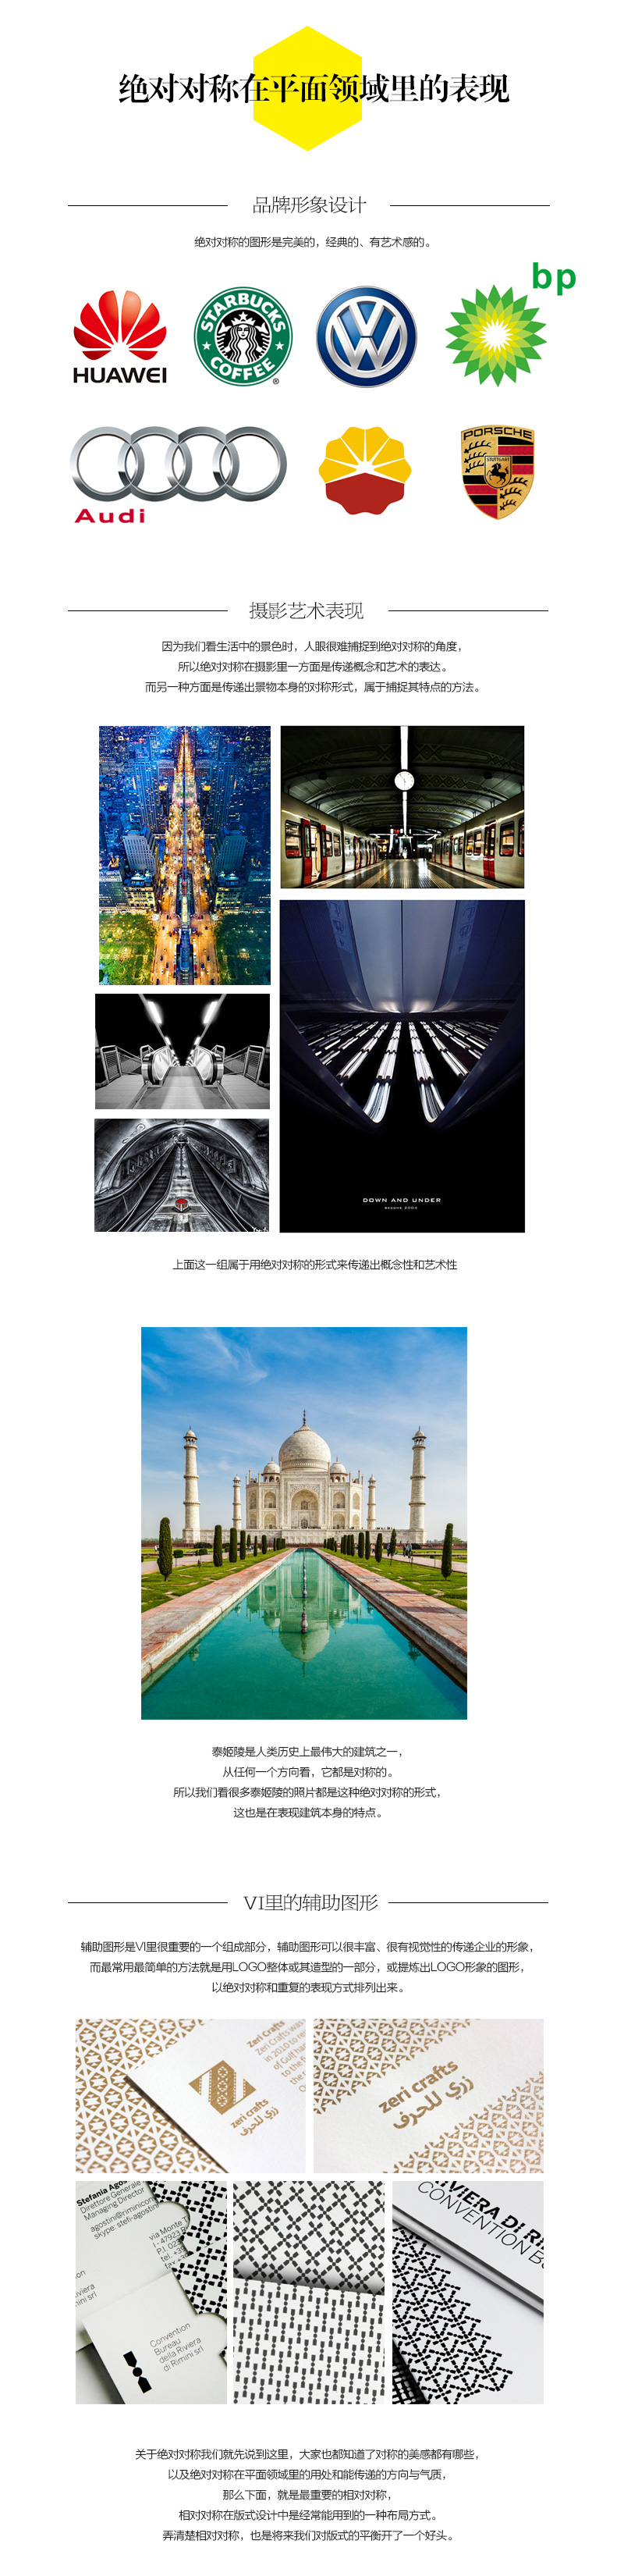 版式设计的相对对称04-莫贝网www.mobileui.cn